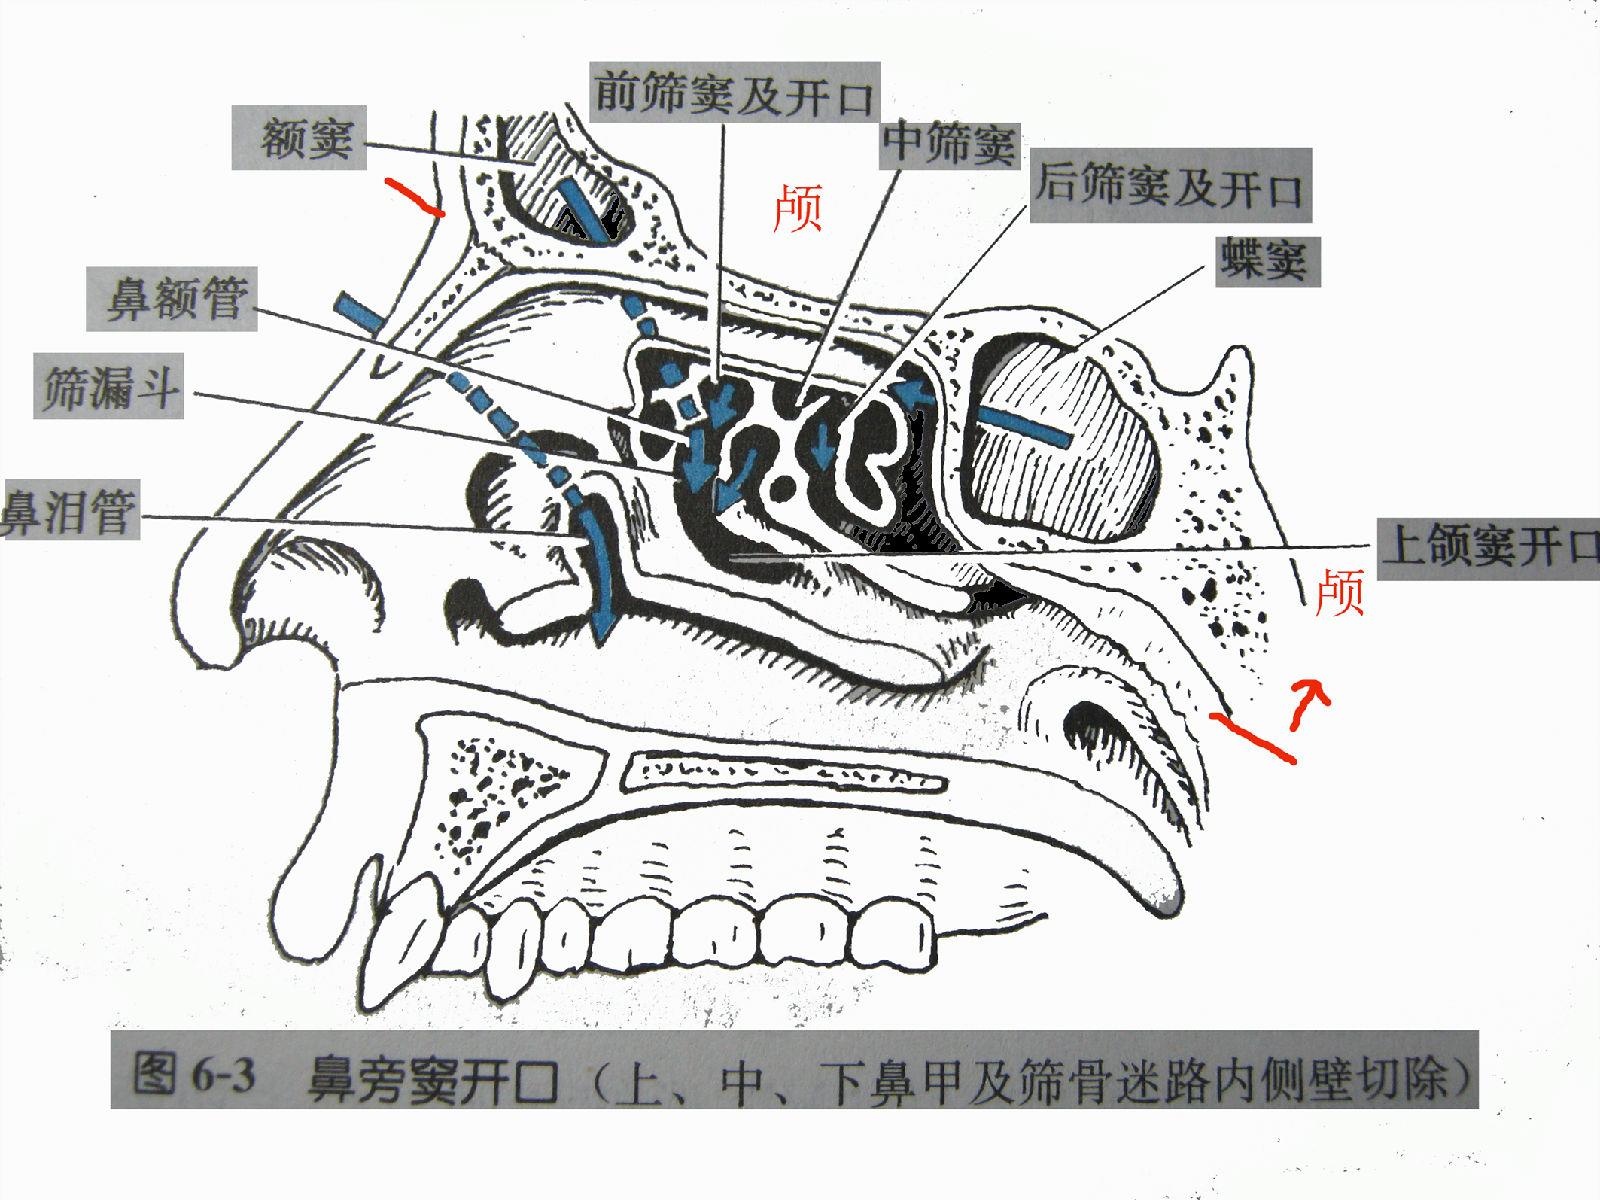 经验分享面部共鸣解剖结构